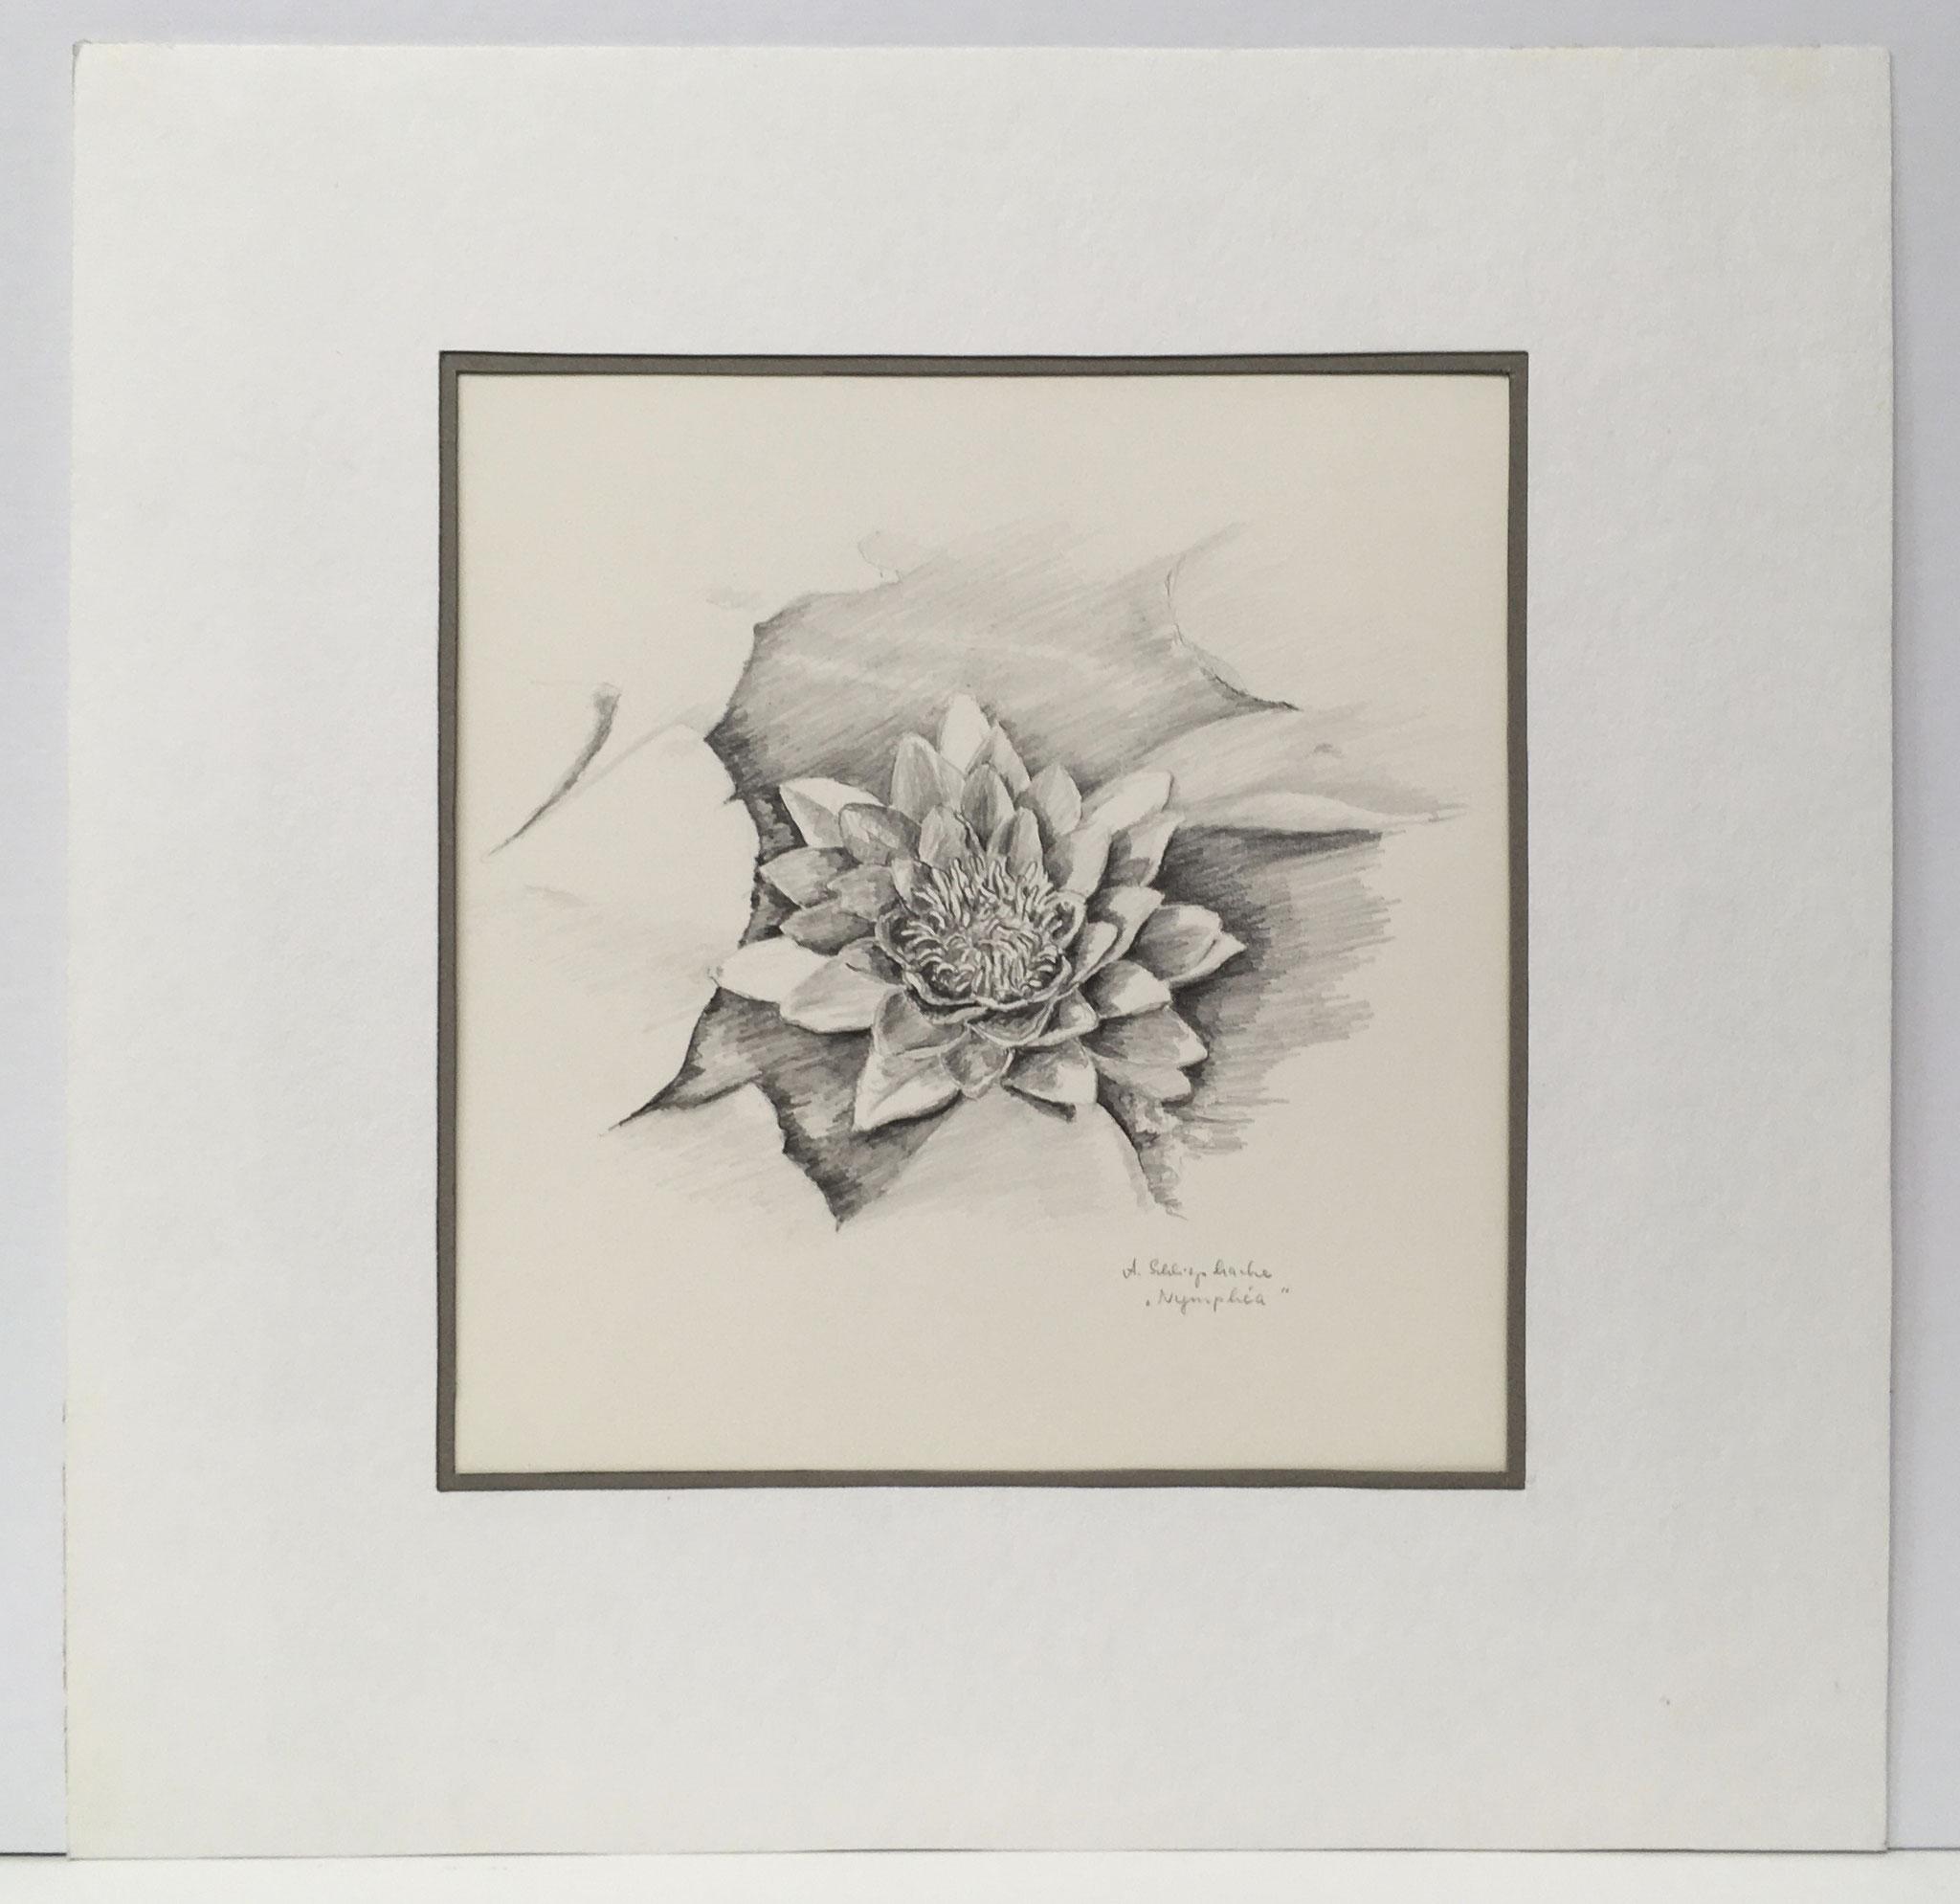 """Bleistiftzeichnung """"Nymphea"""" - 30 x 30 cm - 490,- €"""